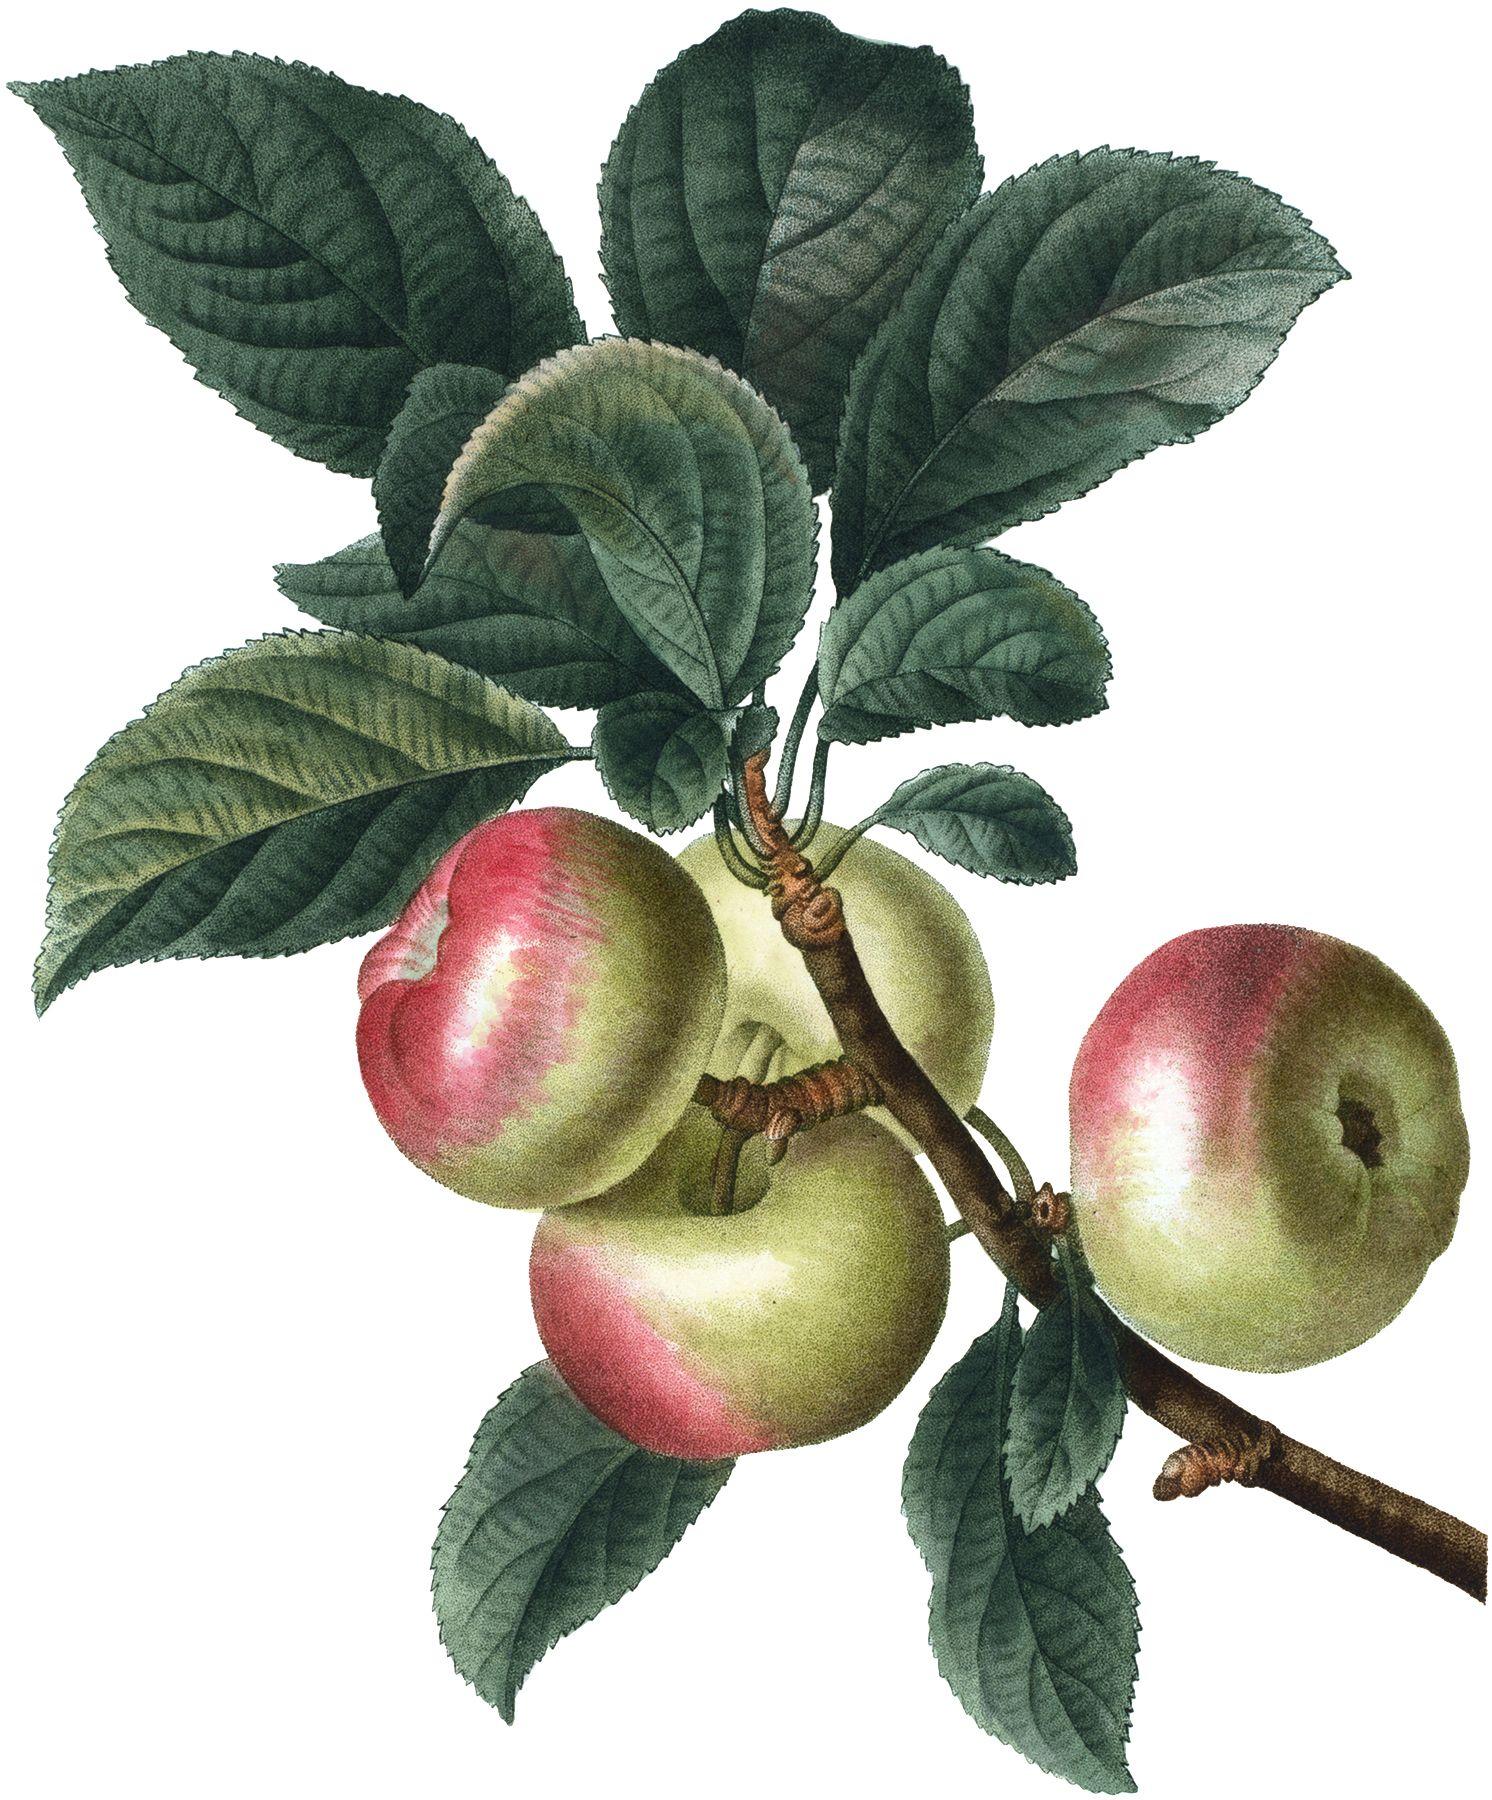 стеклокерамику цветы яблоки листья картинки фасоль красный